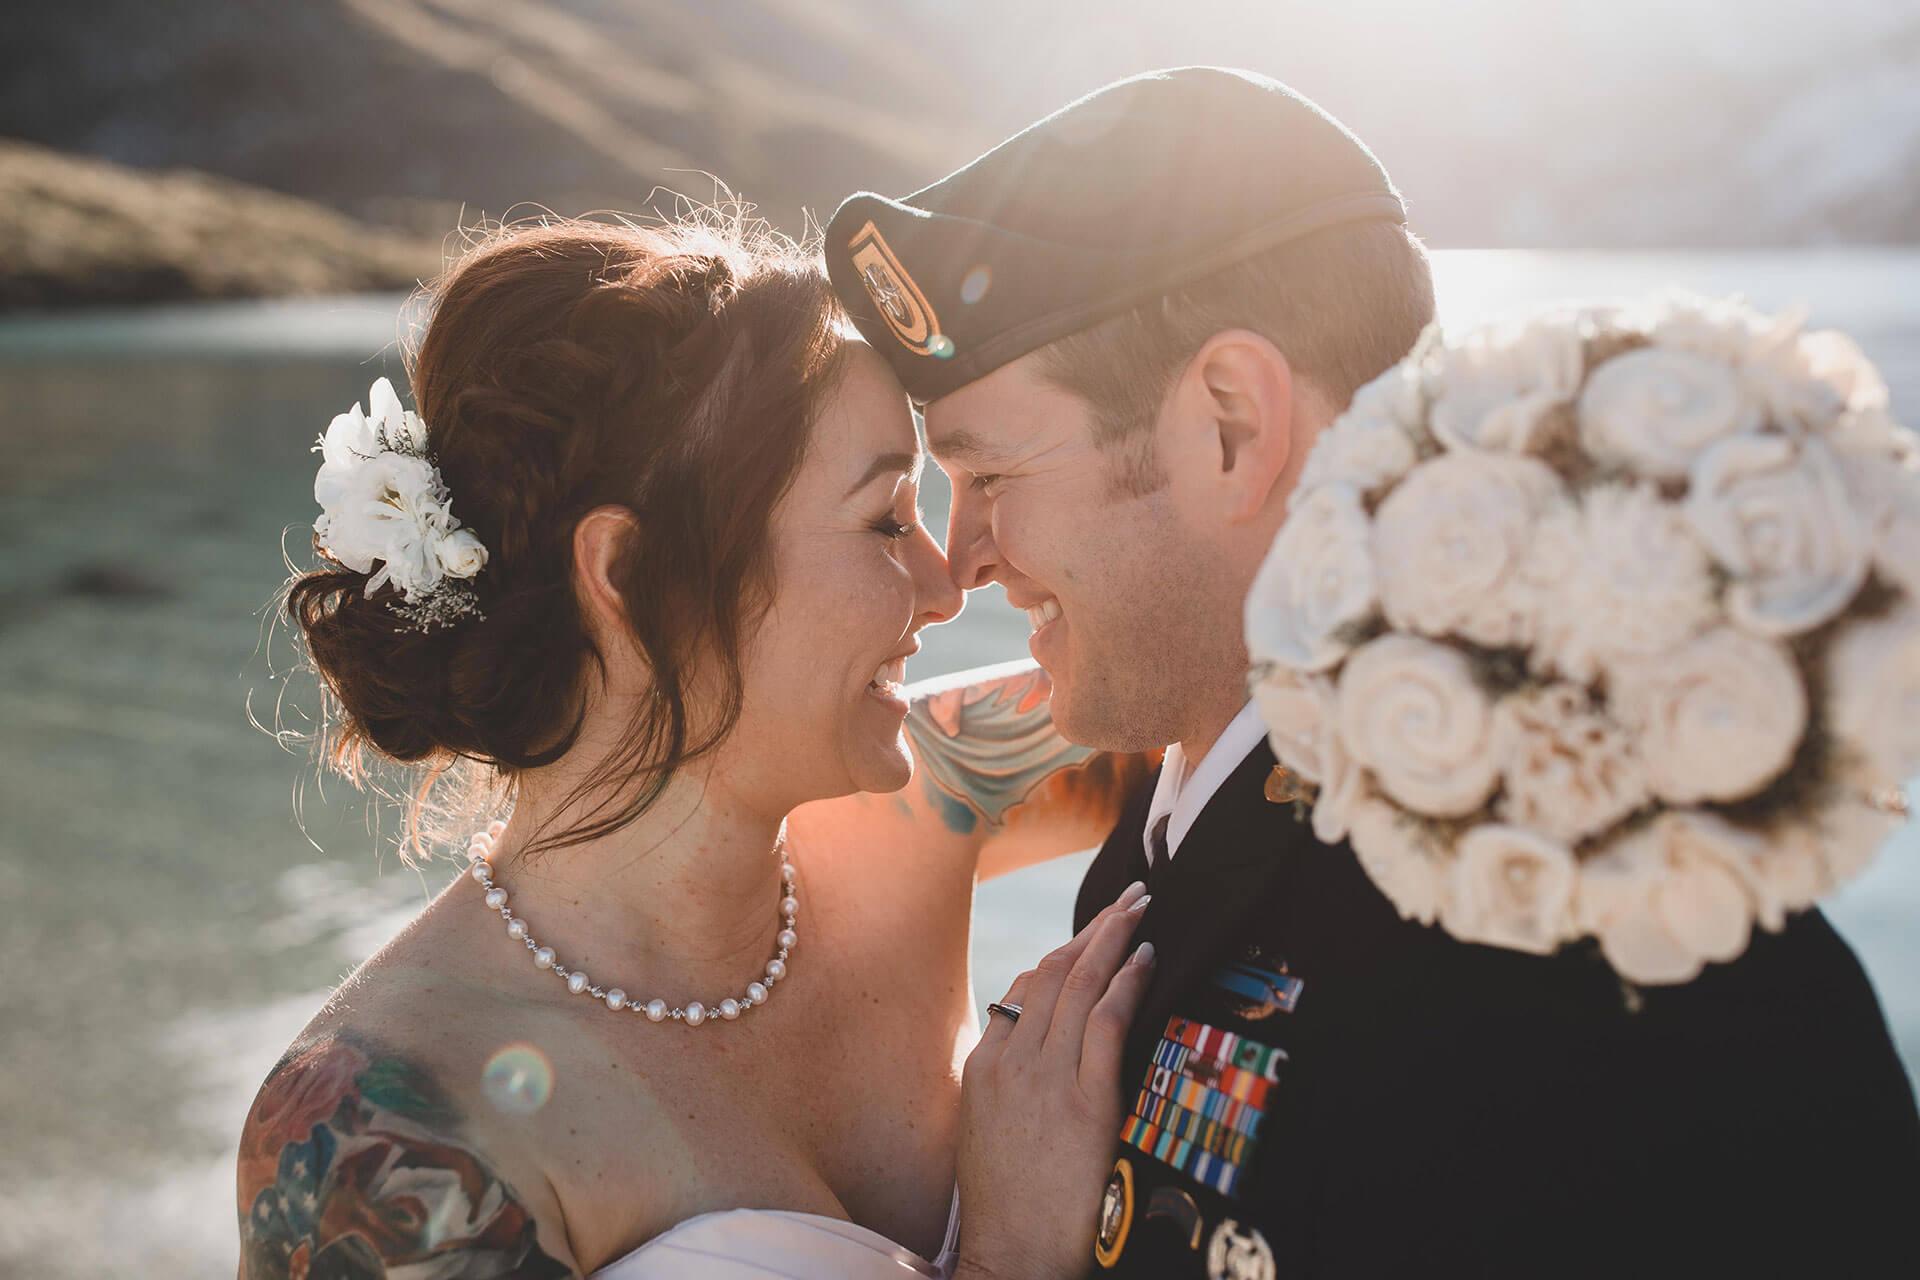 Lochnagar Heli Destionation Wedding Package